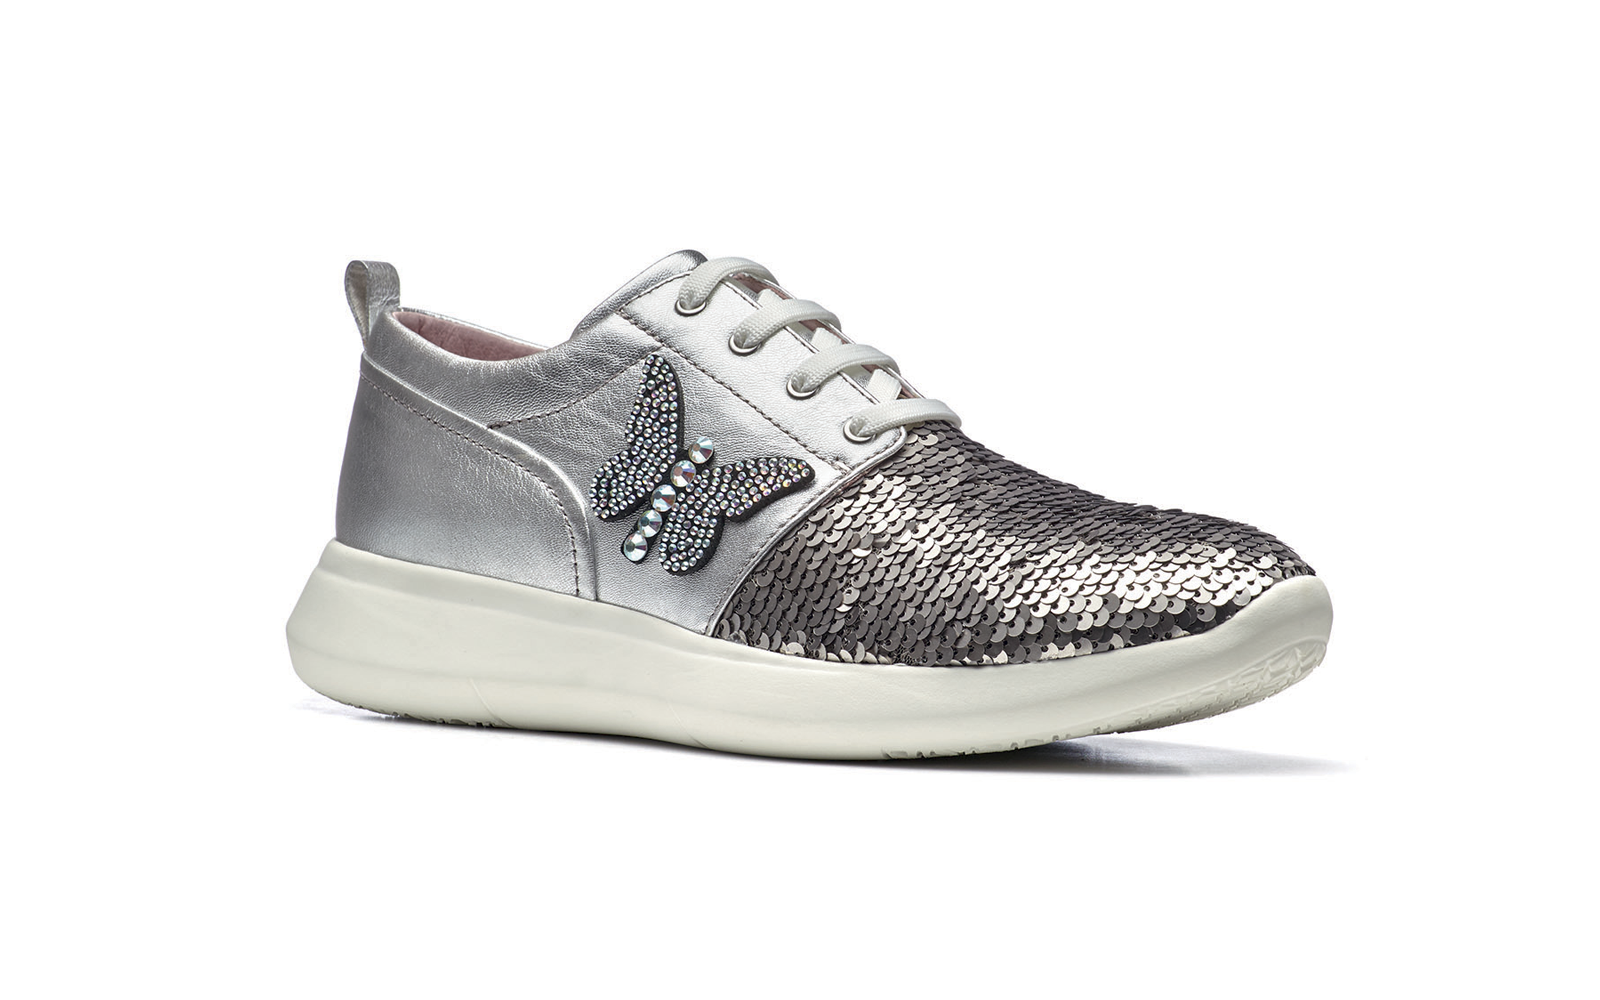 STONEFLY  sneakers in pelle metalizzata e paillettes con farfalla strass su lato. Ideale per la passeggiata mattutina euro 99,90 www.stonefly.it